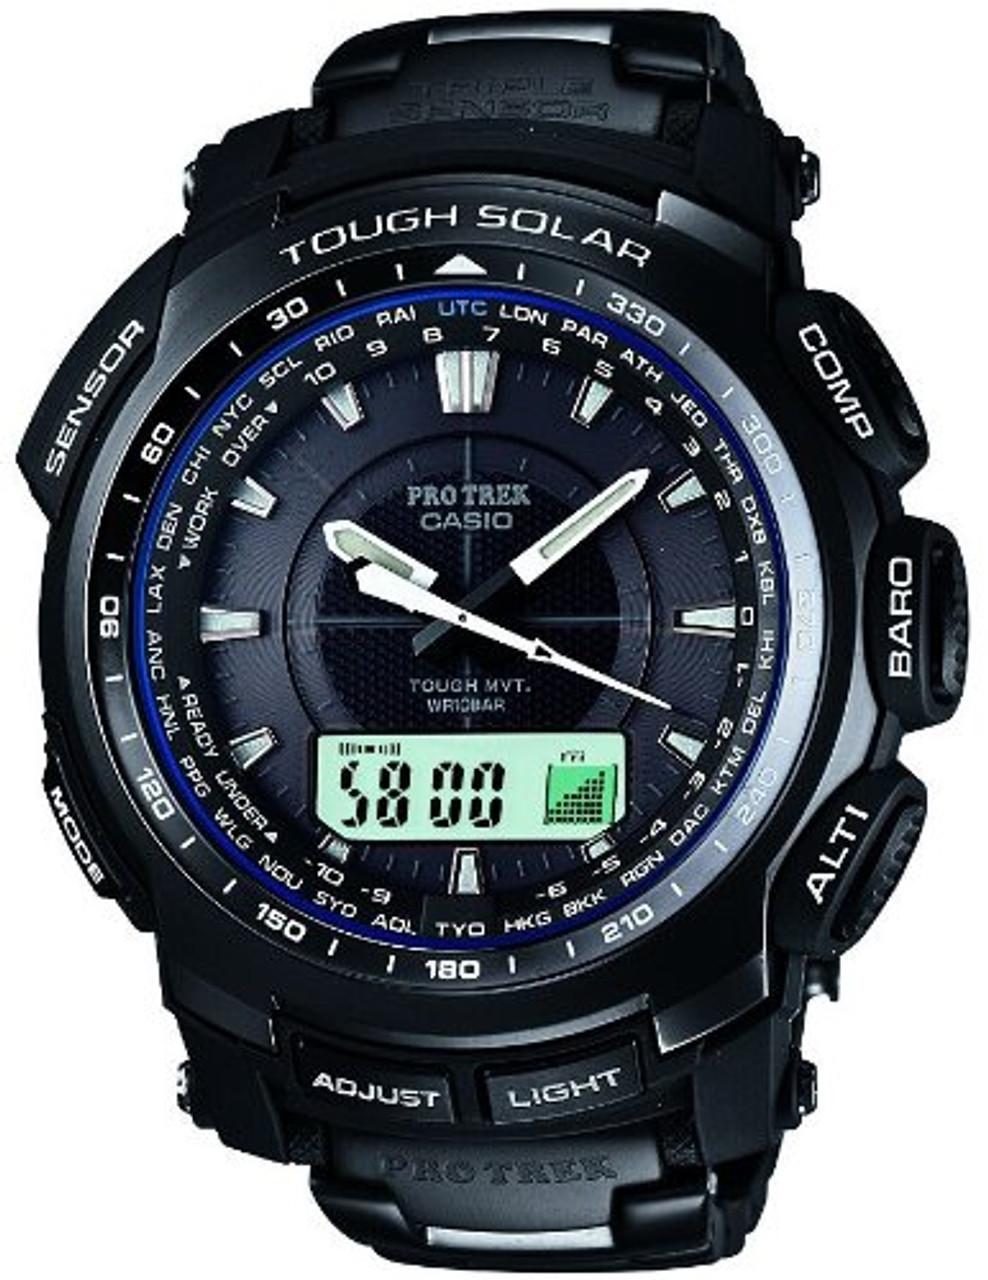 Casio Protrek PRW-5100YT-1JF Black Titan Limited